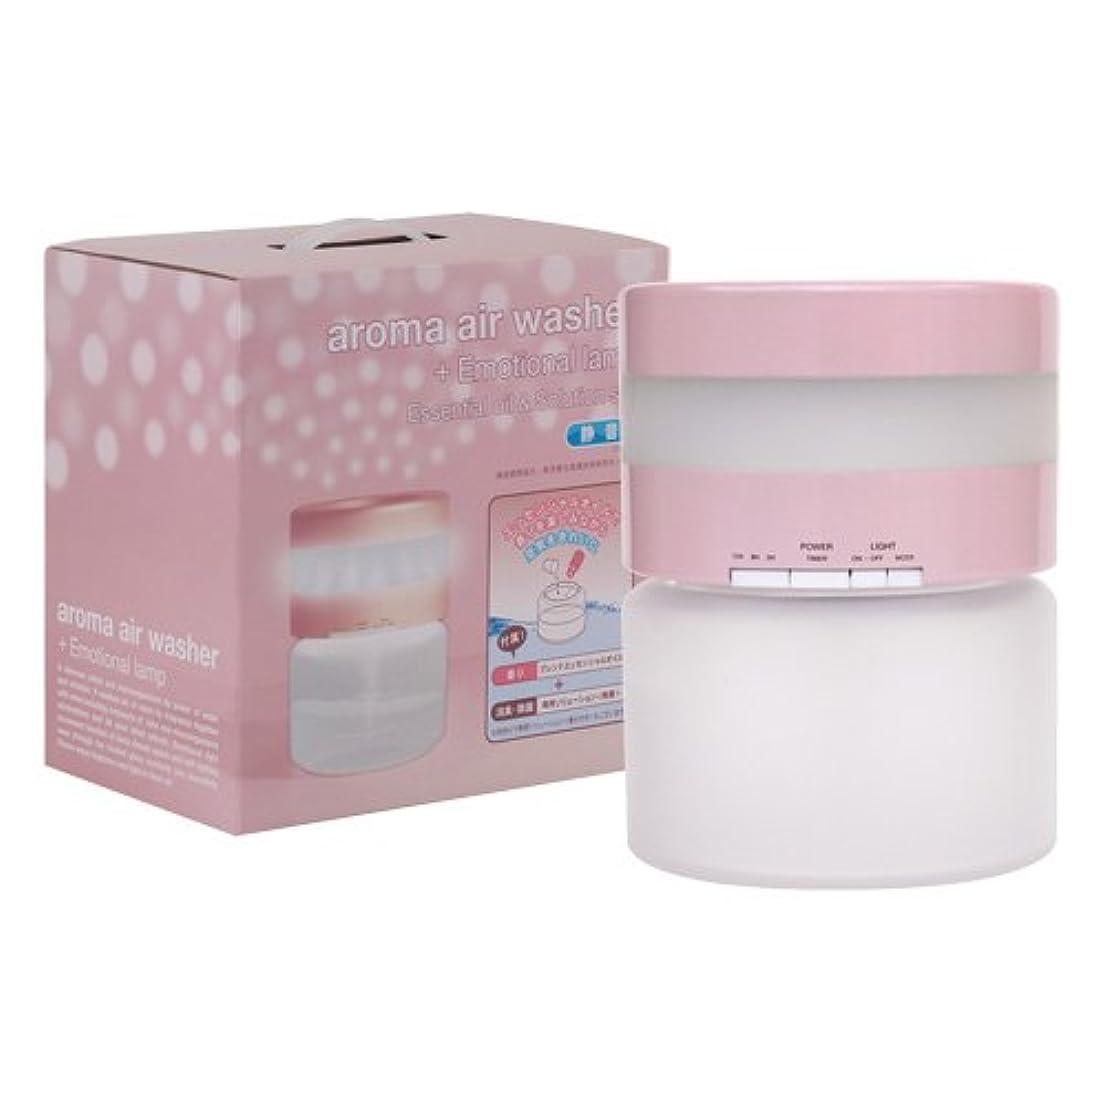 フィルタレンダリング相続人空気洗浄器 アロマエアウォッシャー + エモーショナルランプ ピンク